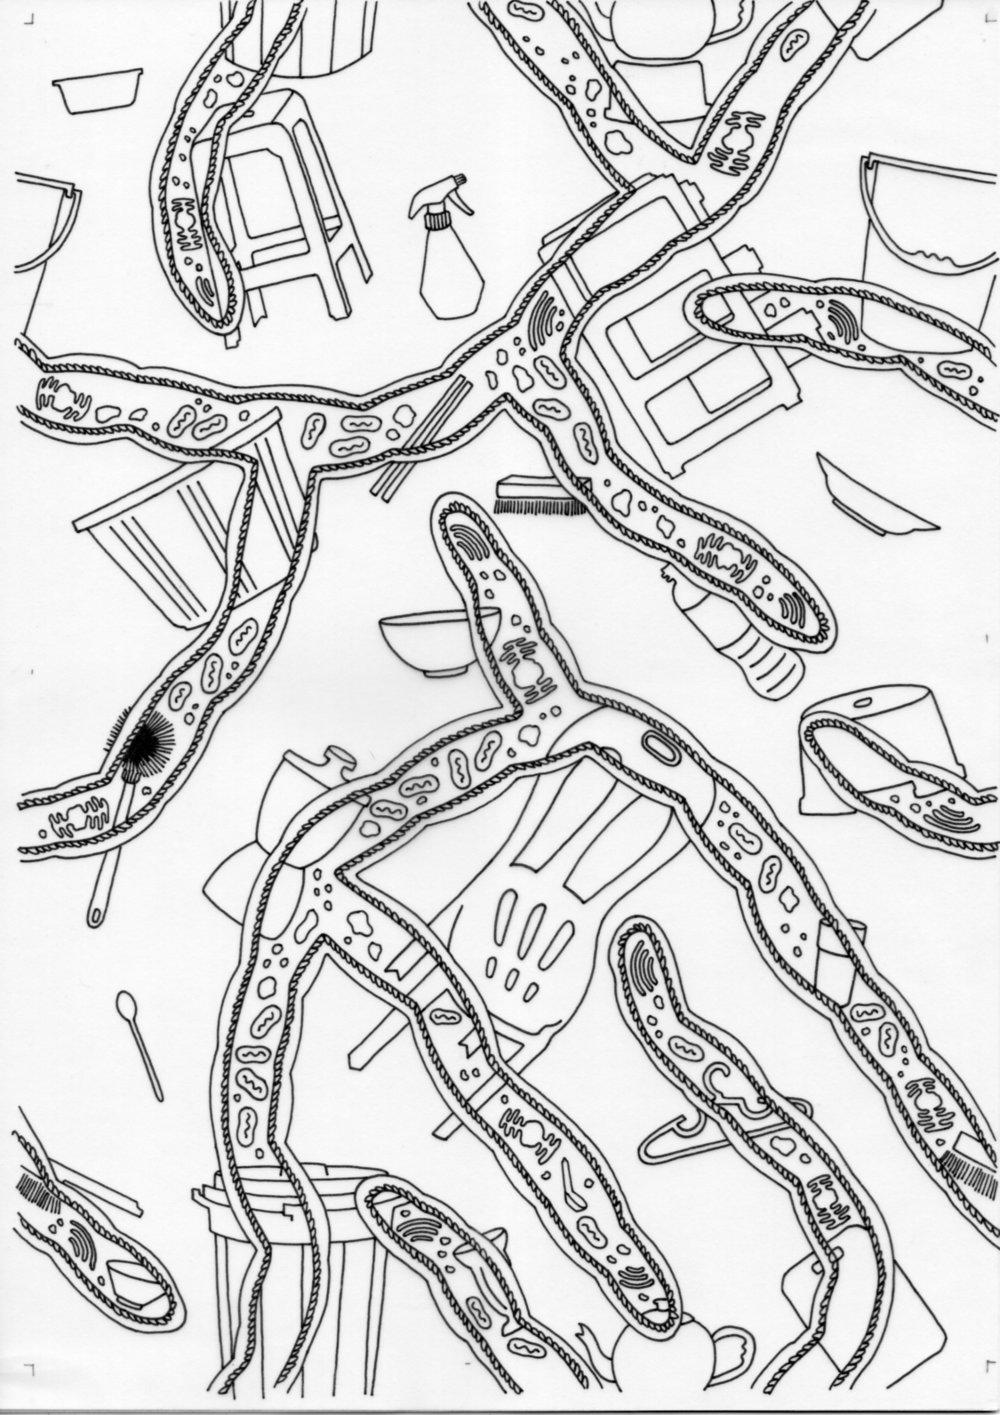 Miracle Pestalotiopsis – Inked Drawings